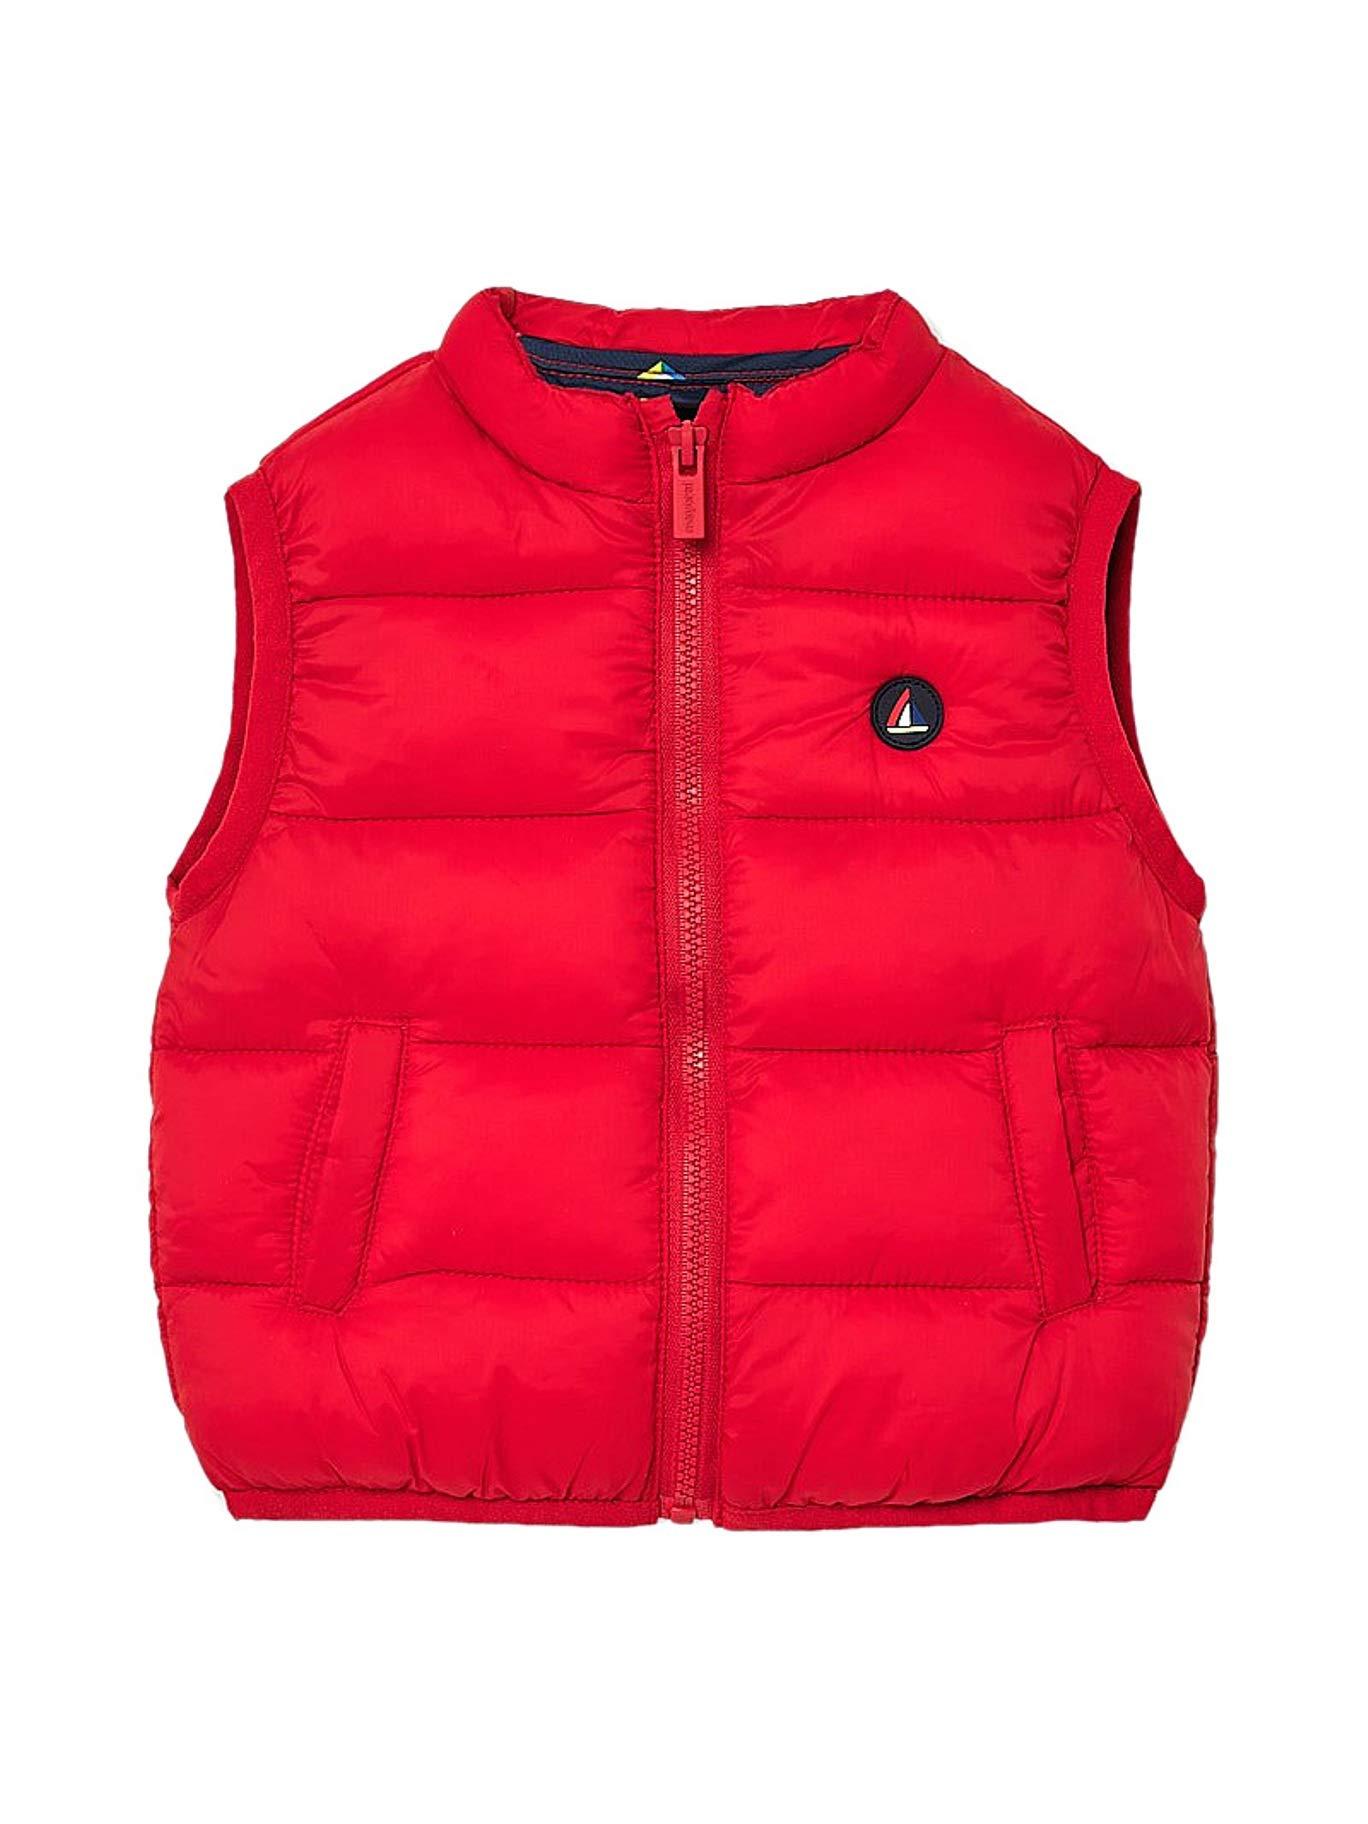 Mayoral, Chaleco para bebé niño - 1466, Rojo 1